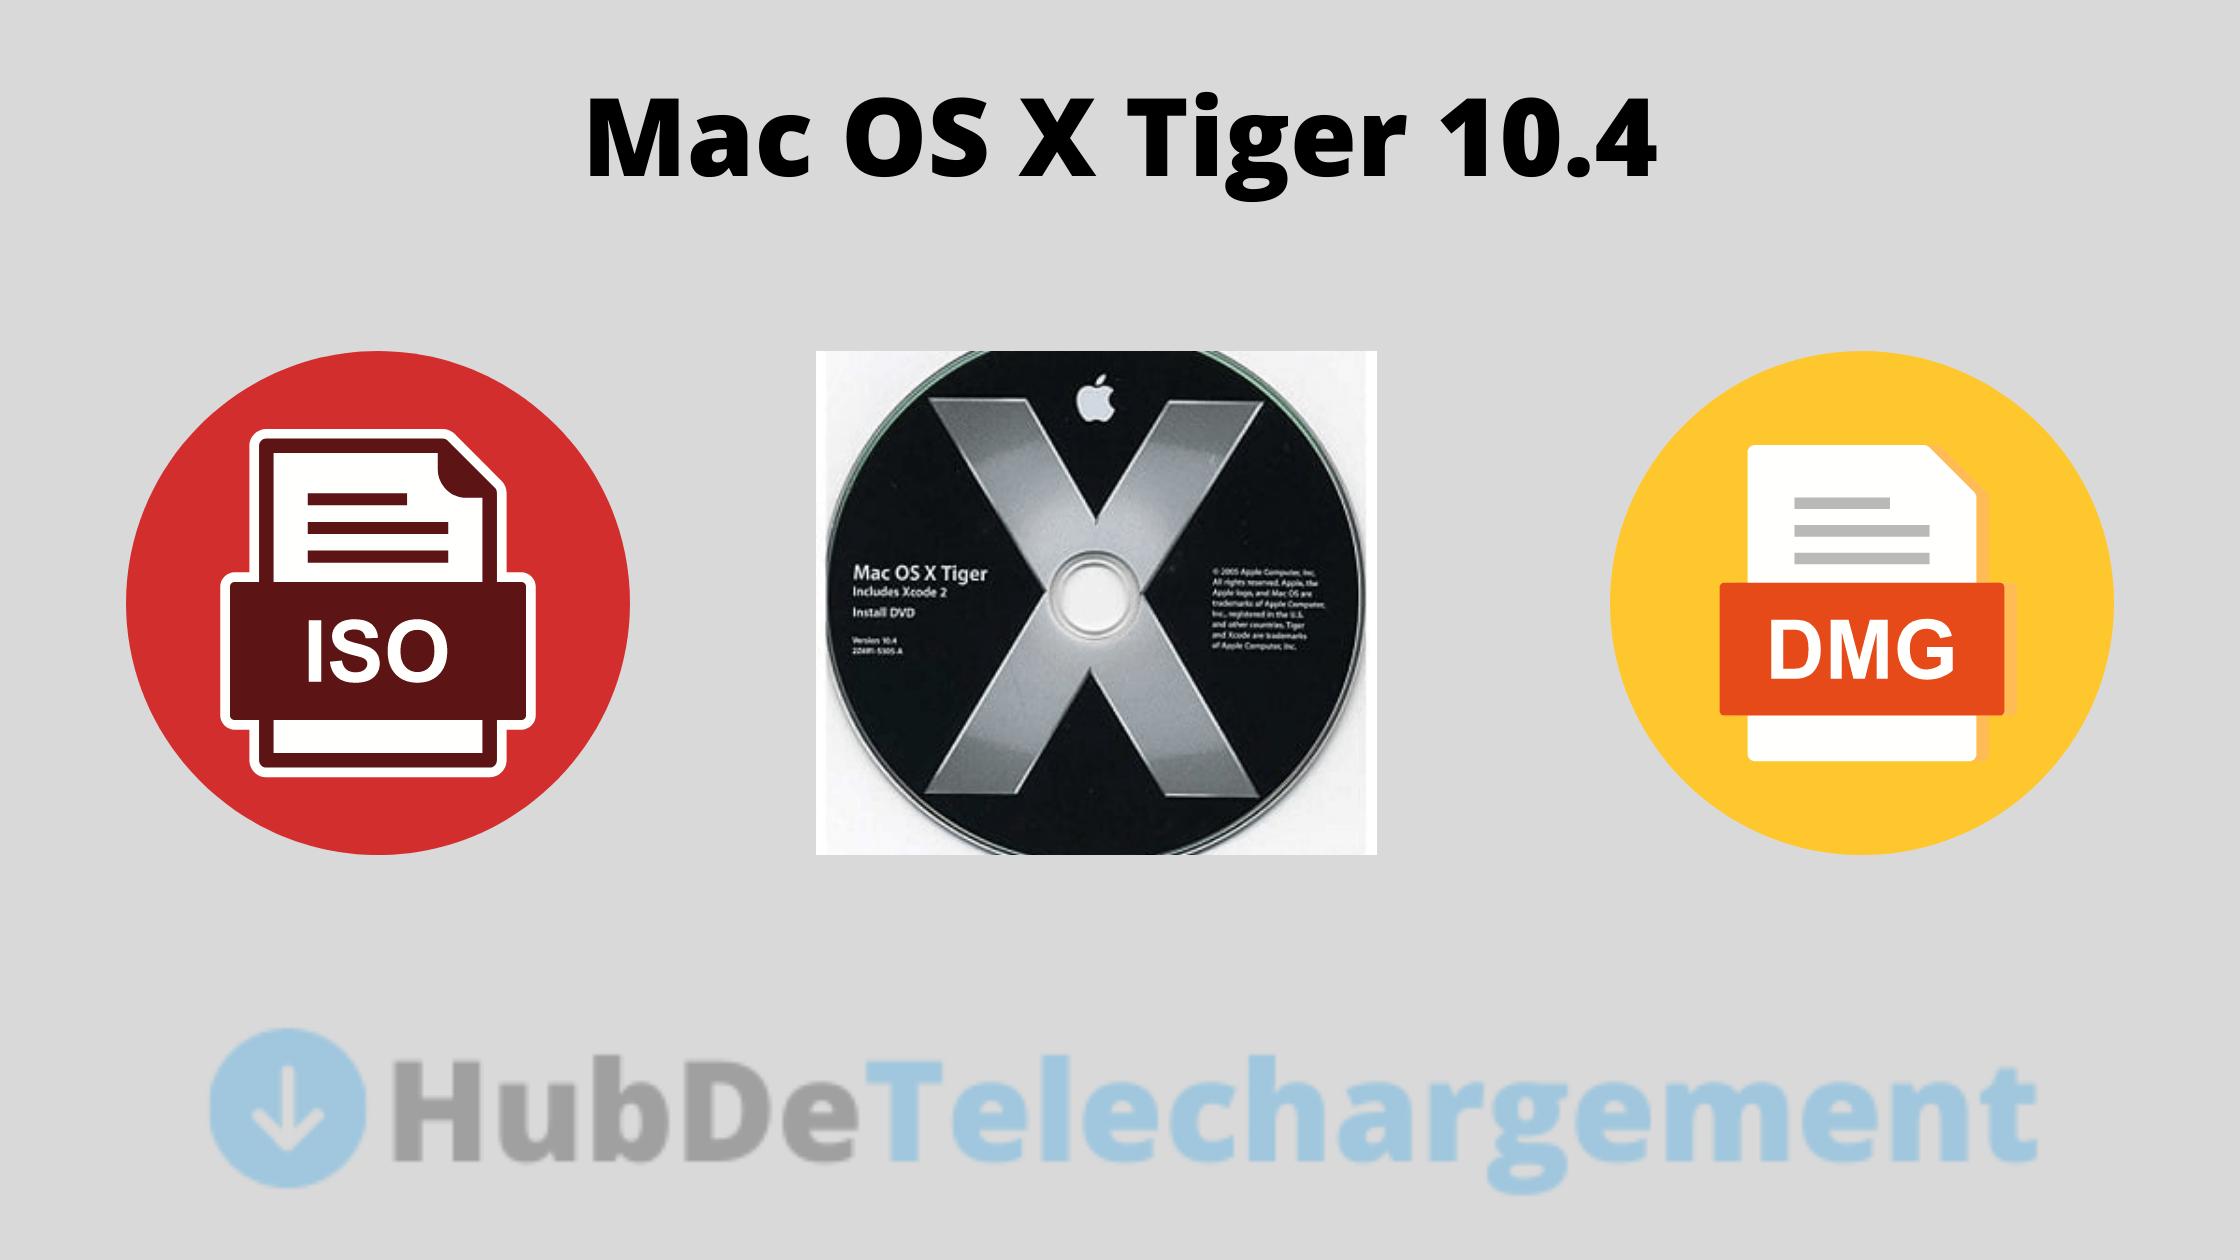 ISO / DMG de Mac OS X Tiger 10.4